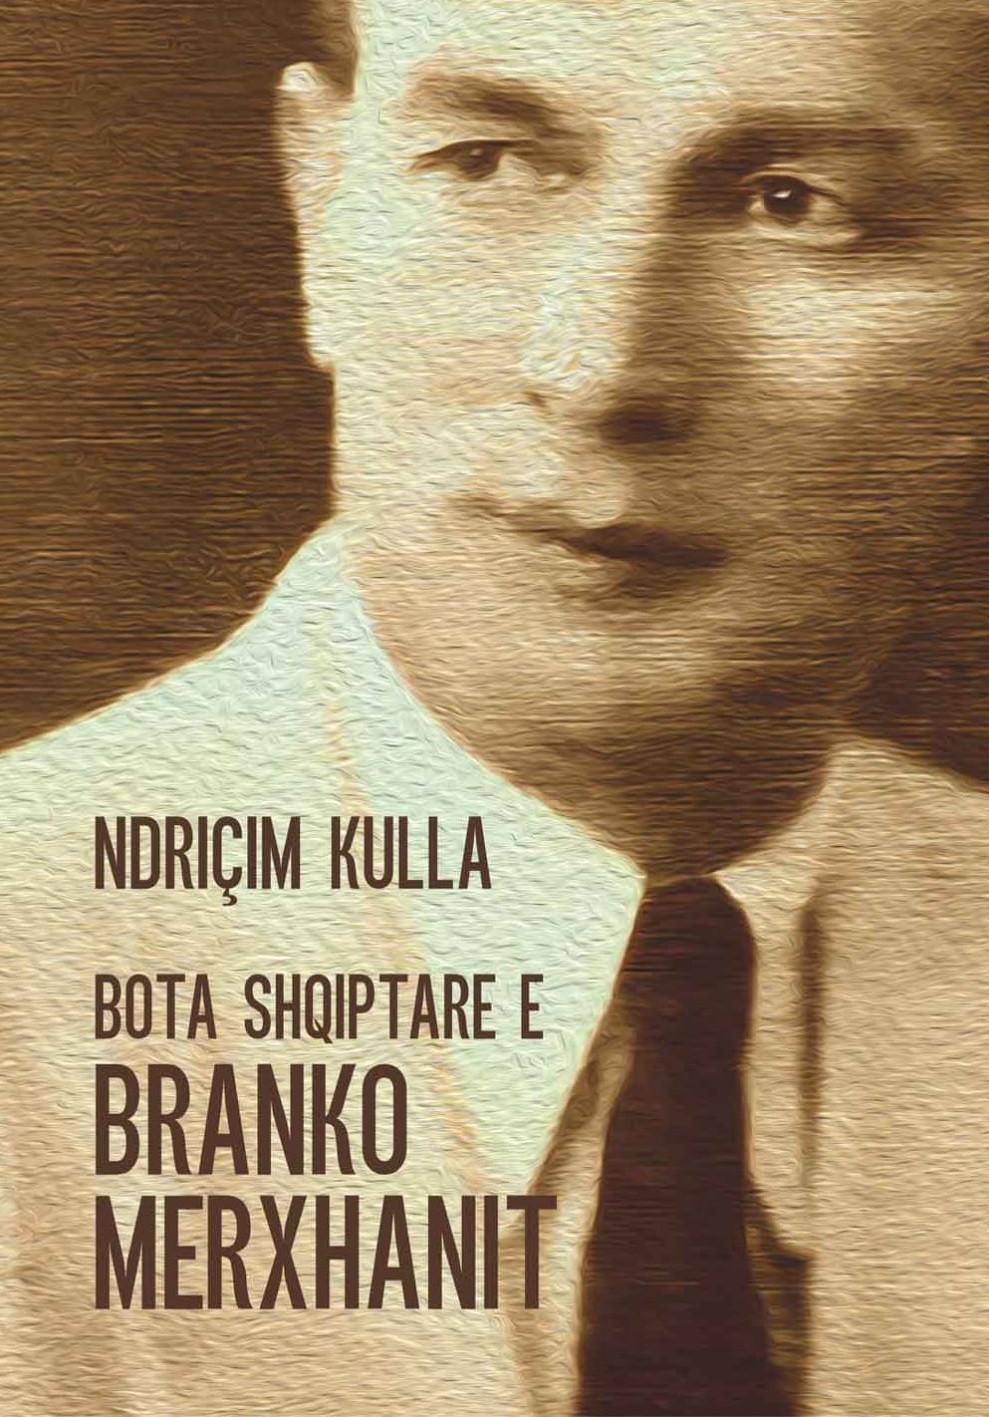 Bota shqiptare e Branko Merxhanit